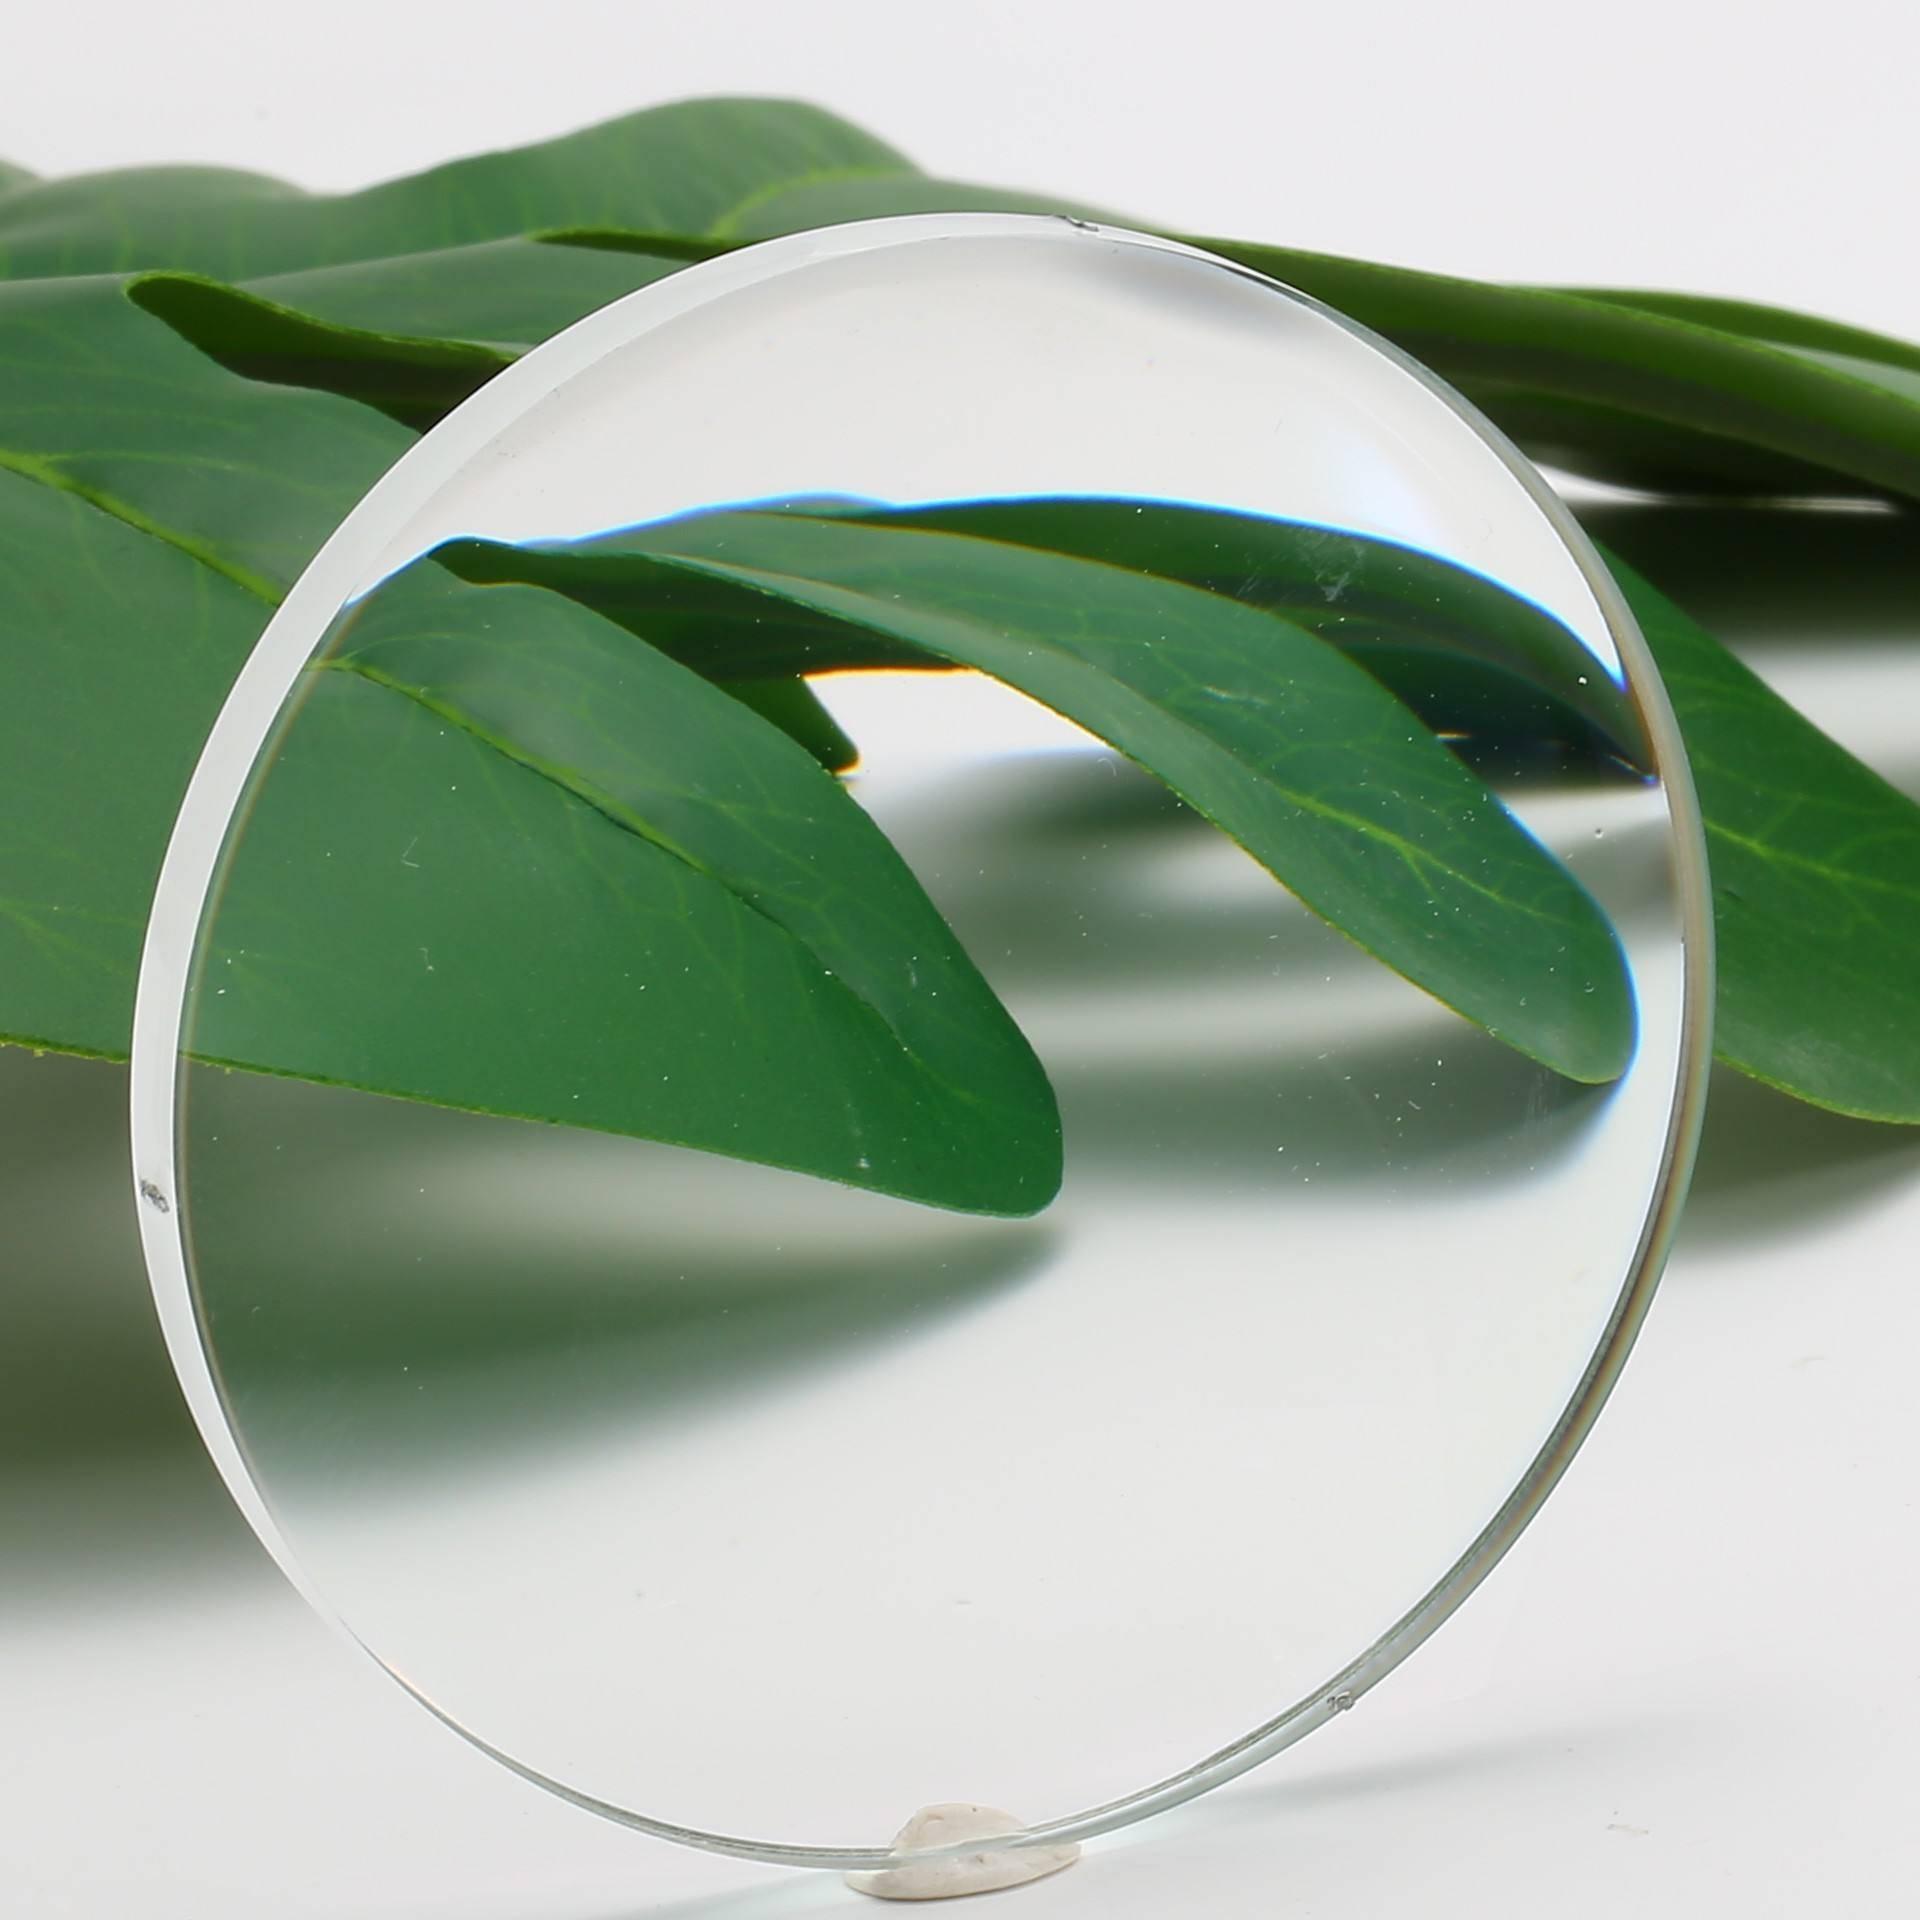 Очки линзы - какие лучше и какие бывают, как выбрать и подобрать для очков, из чего делают очковые стекла: пластиковые (из пластика)